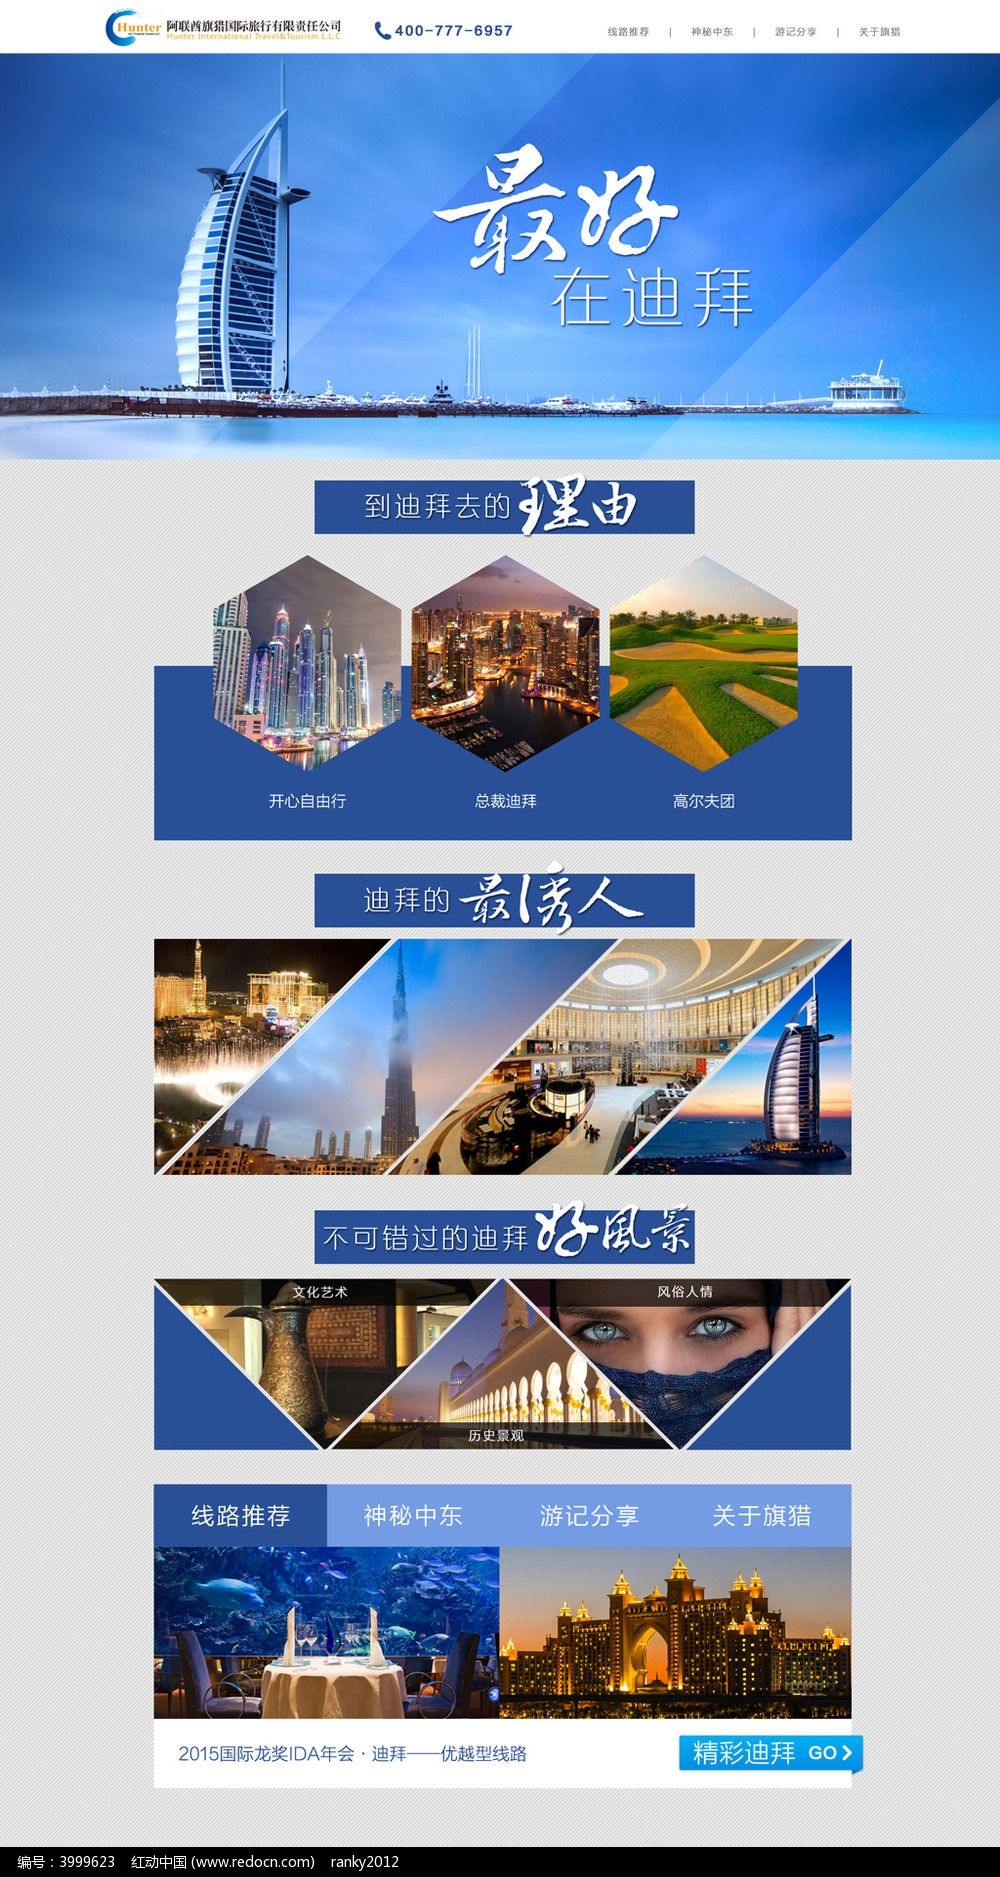 简约大气旅游类官网首页设计图片